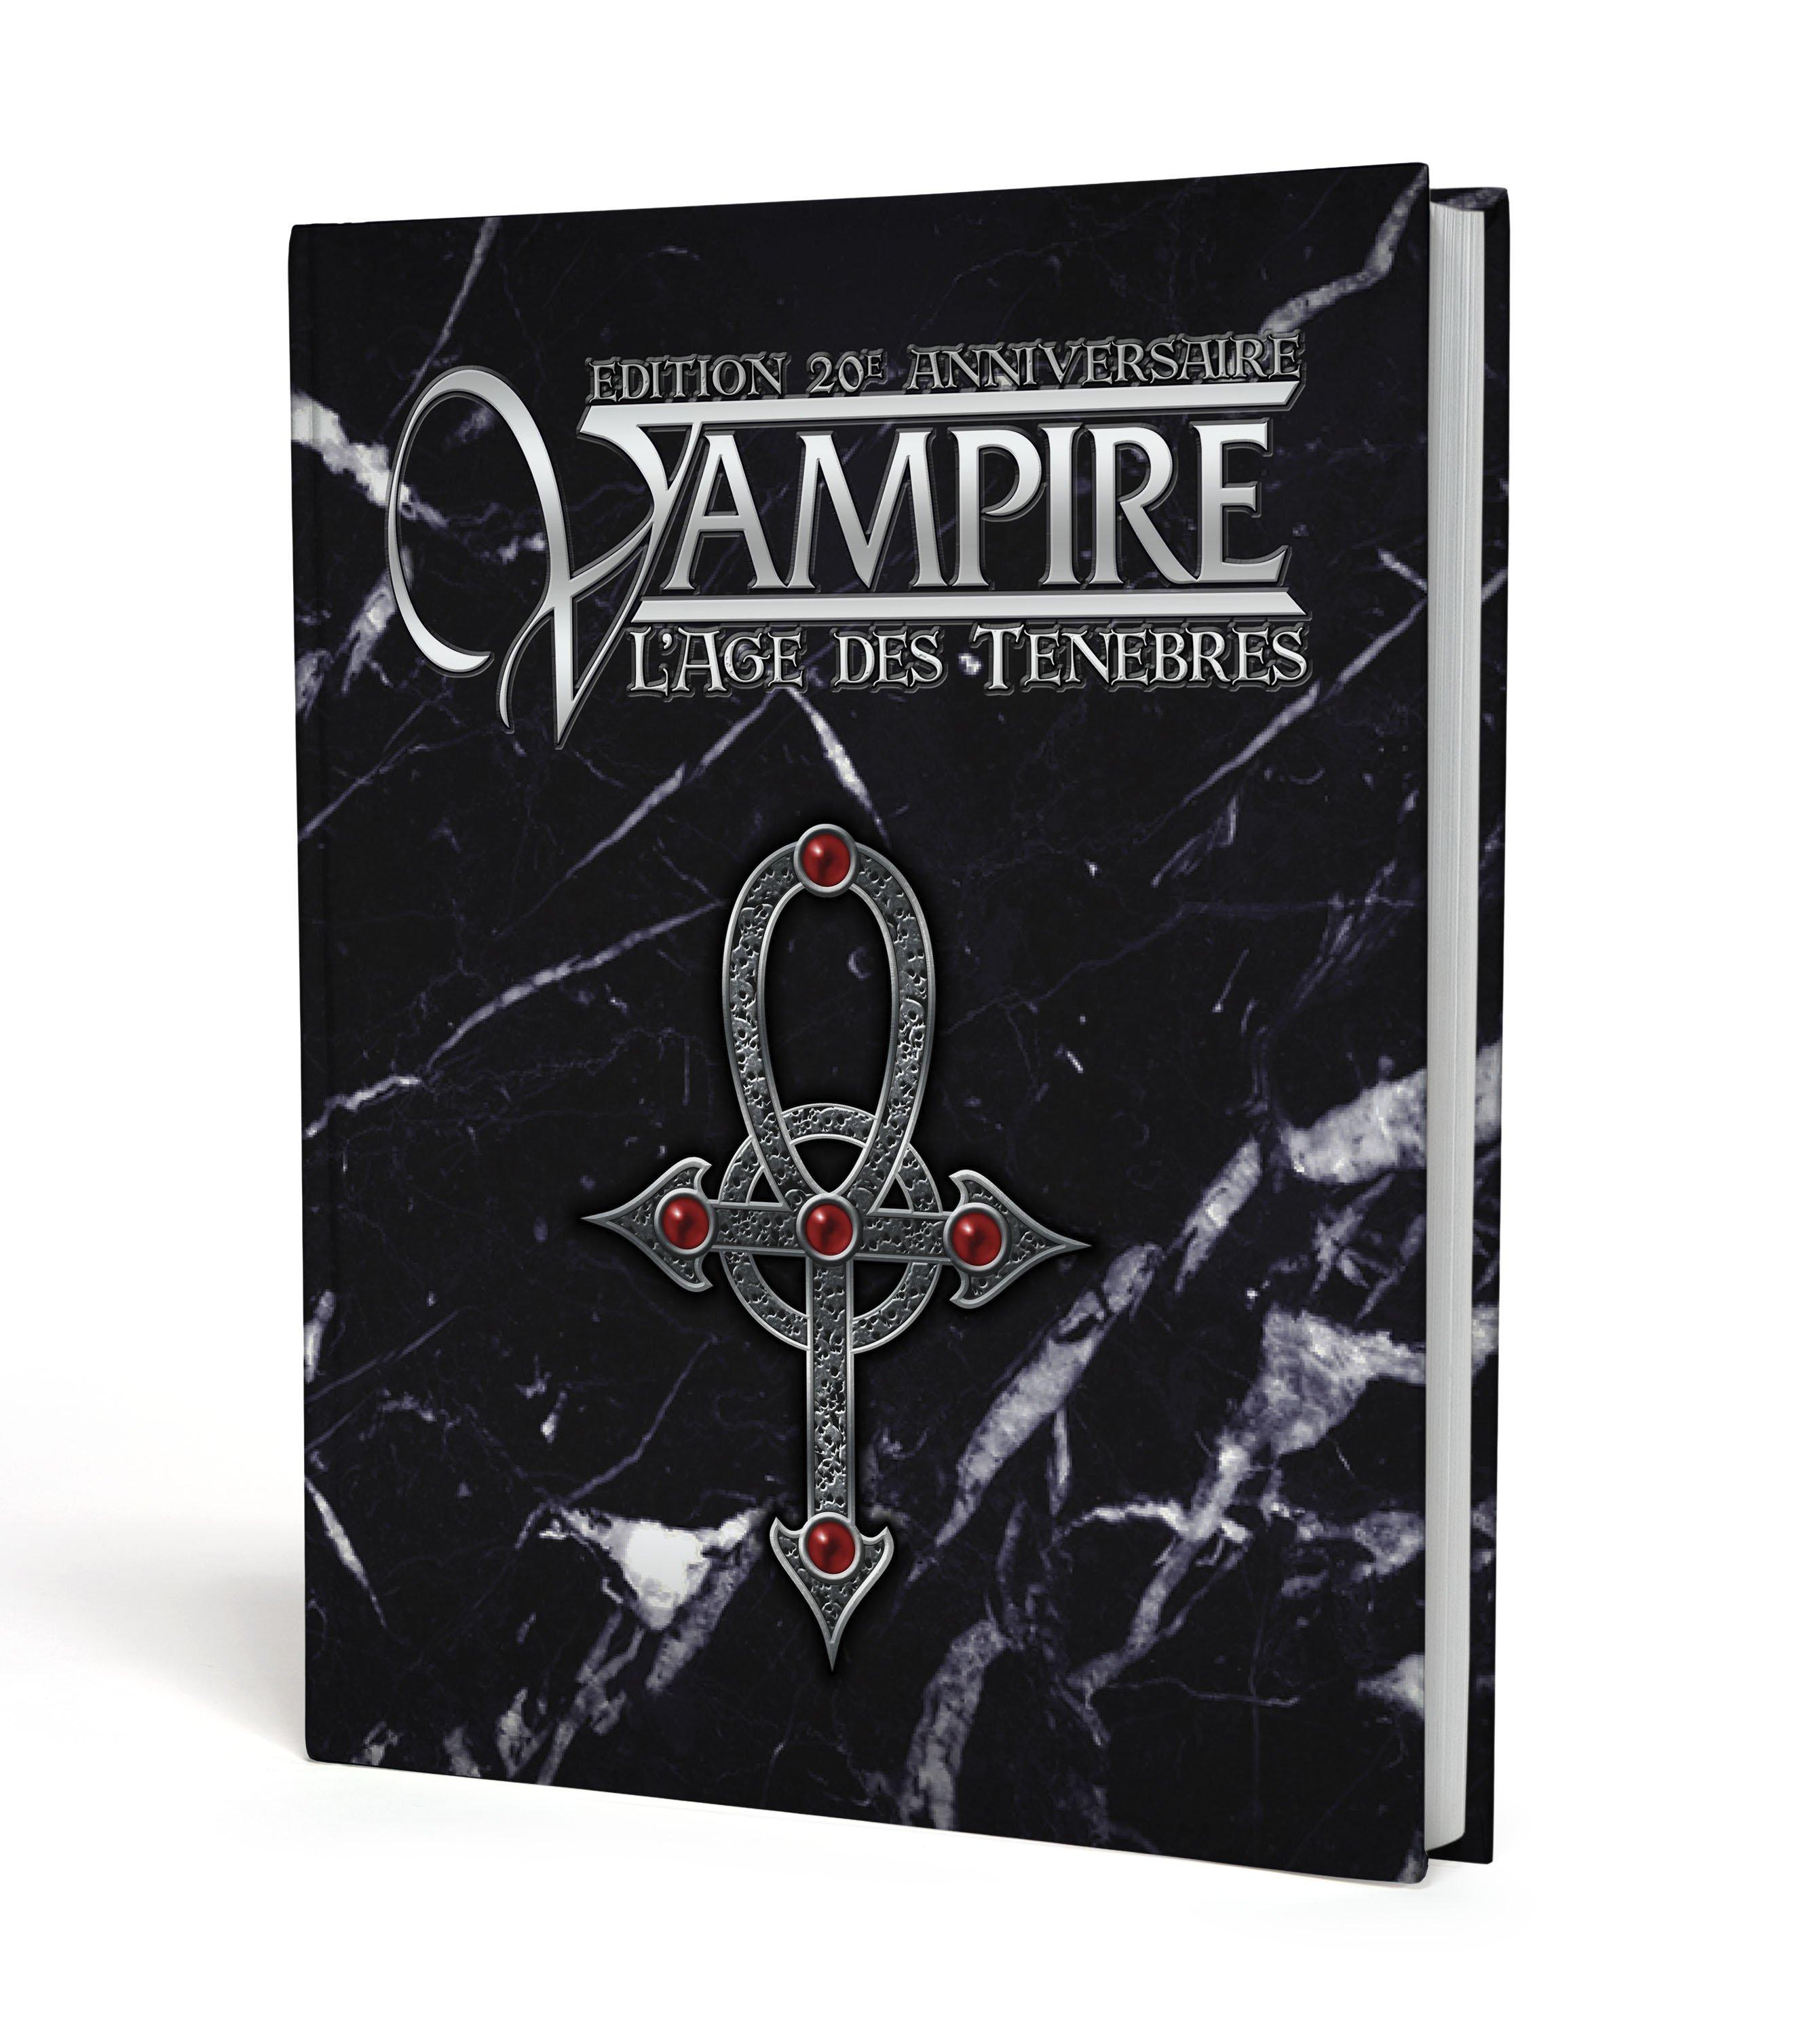 Vampire : L'âge des ténèbres 20ème anniversaire